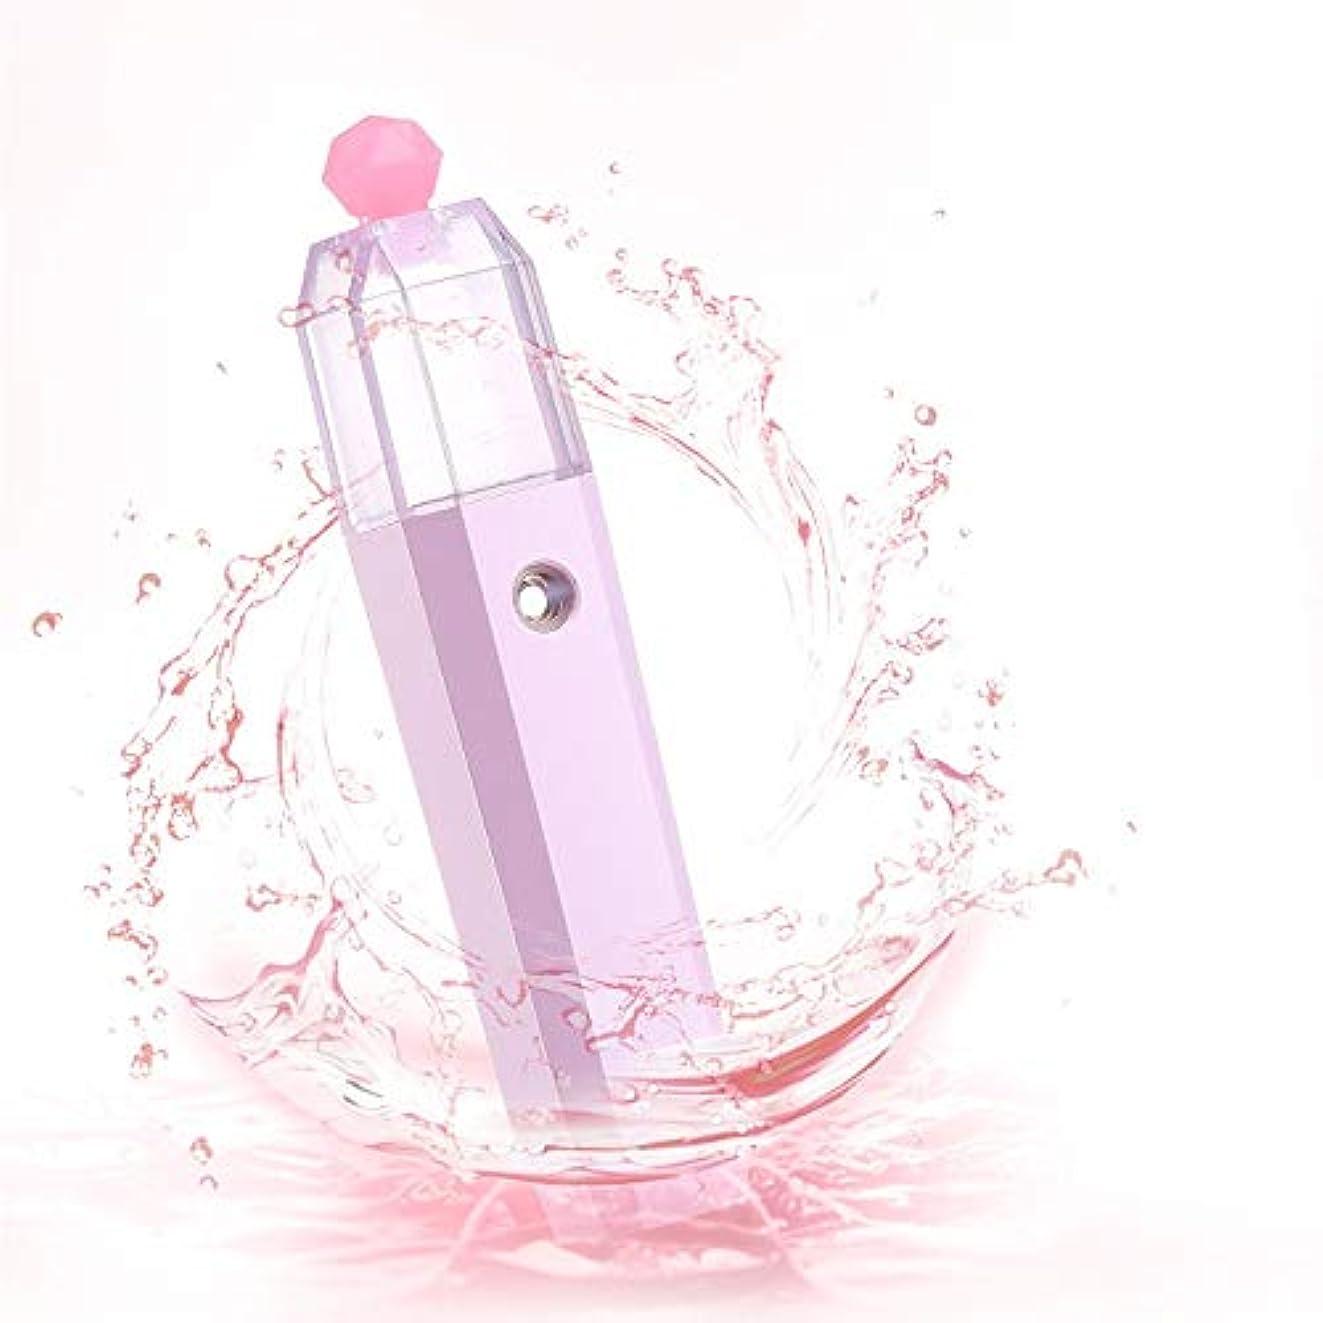 任意カウンターパートシェフZXF 水道メーター美容ハンドスプレー新しいナノスプレーポータブル家庭用フェイスフェイシャルモイスチャライザーピンク 滑らかである